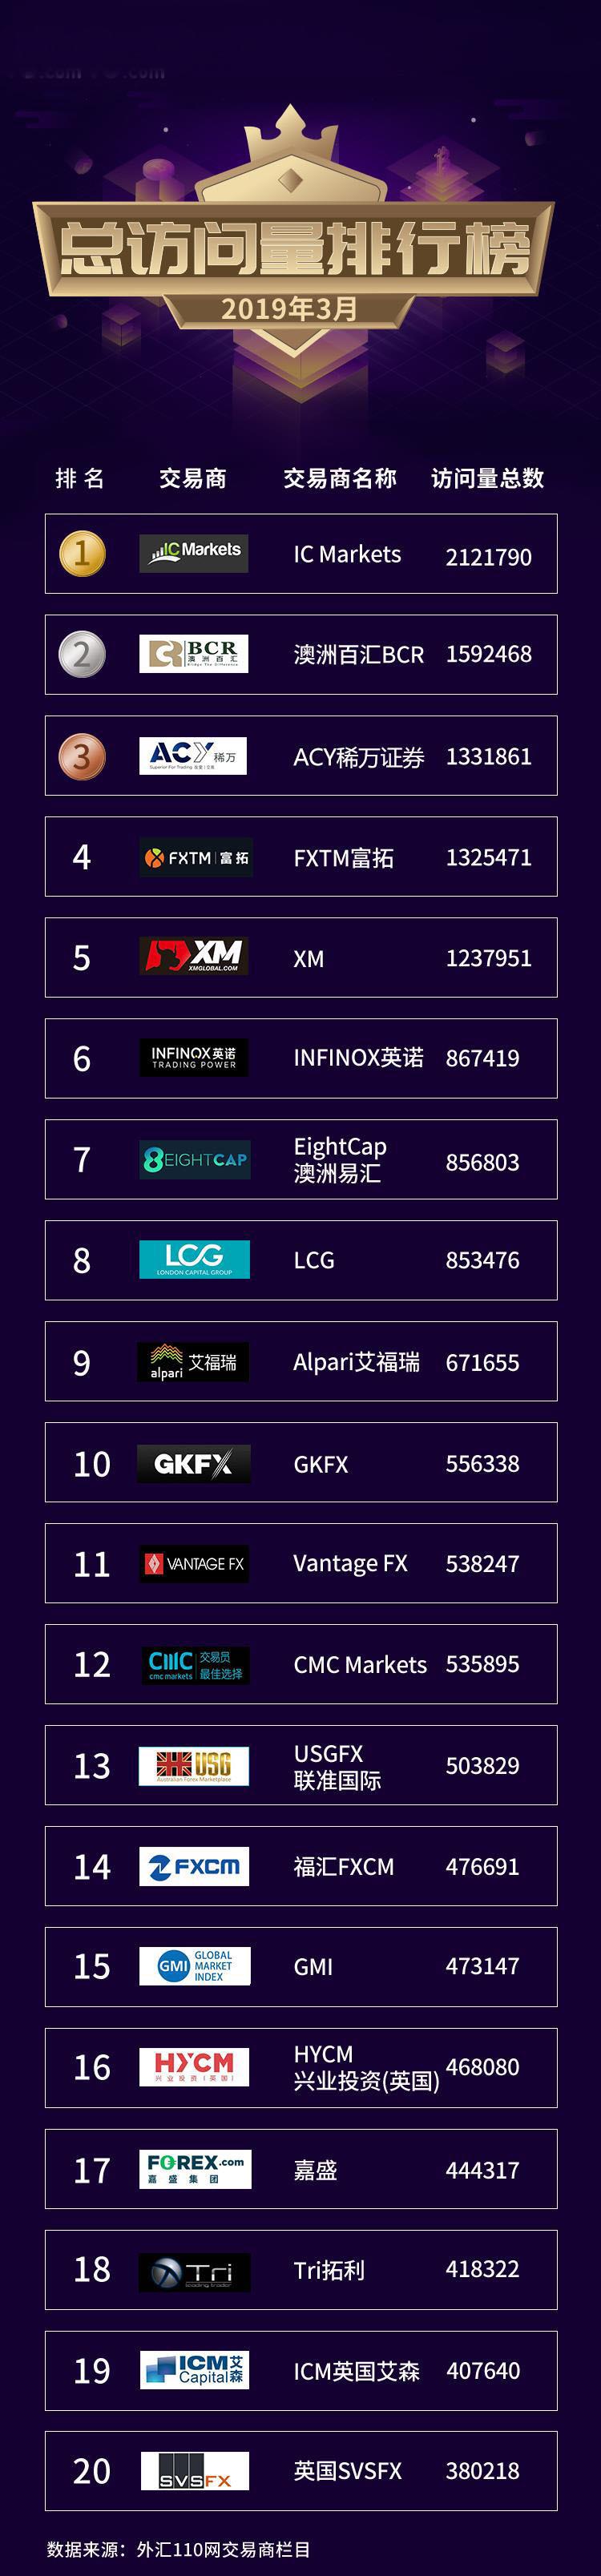 2019外汇公司排行_独角兽企业排行榜2019:北京市82家公司上榜